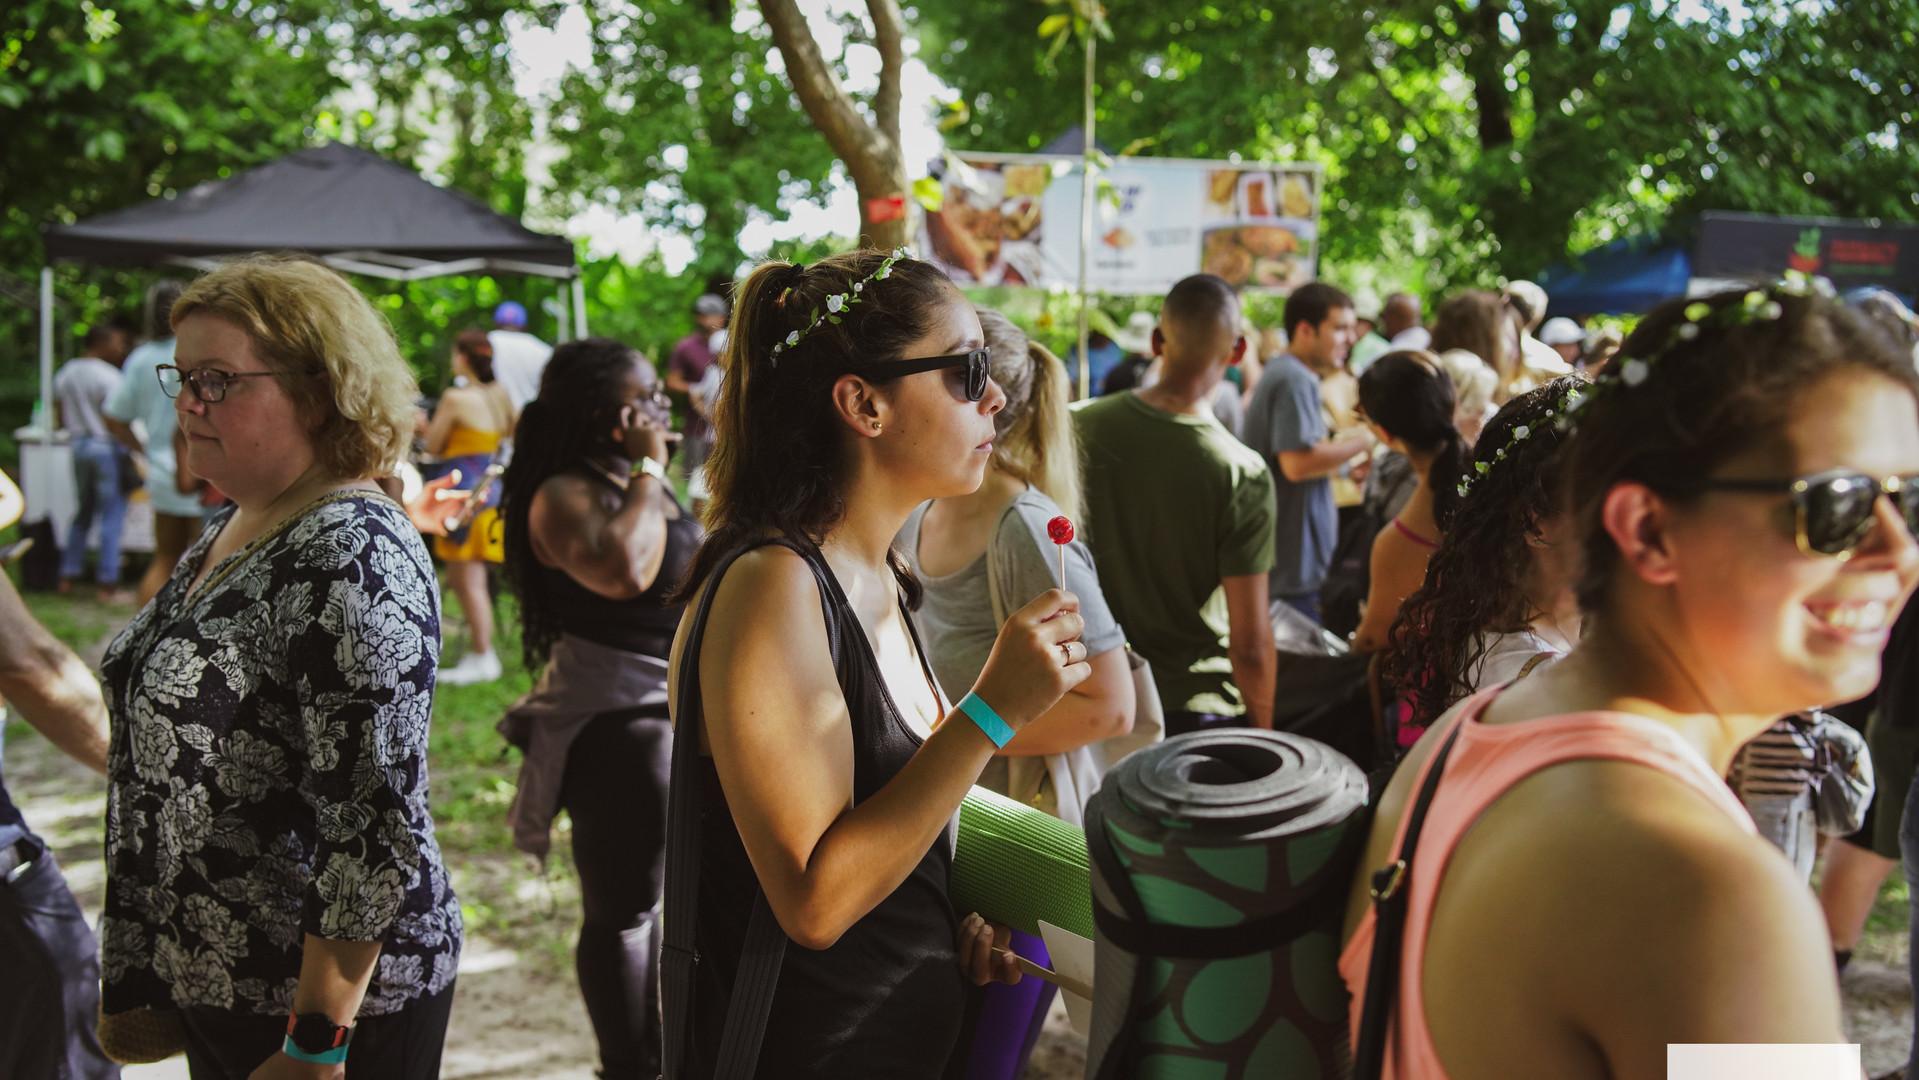 City Festival - Vegan Festival (93 of 20